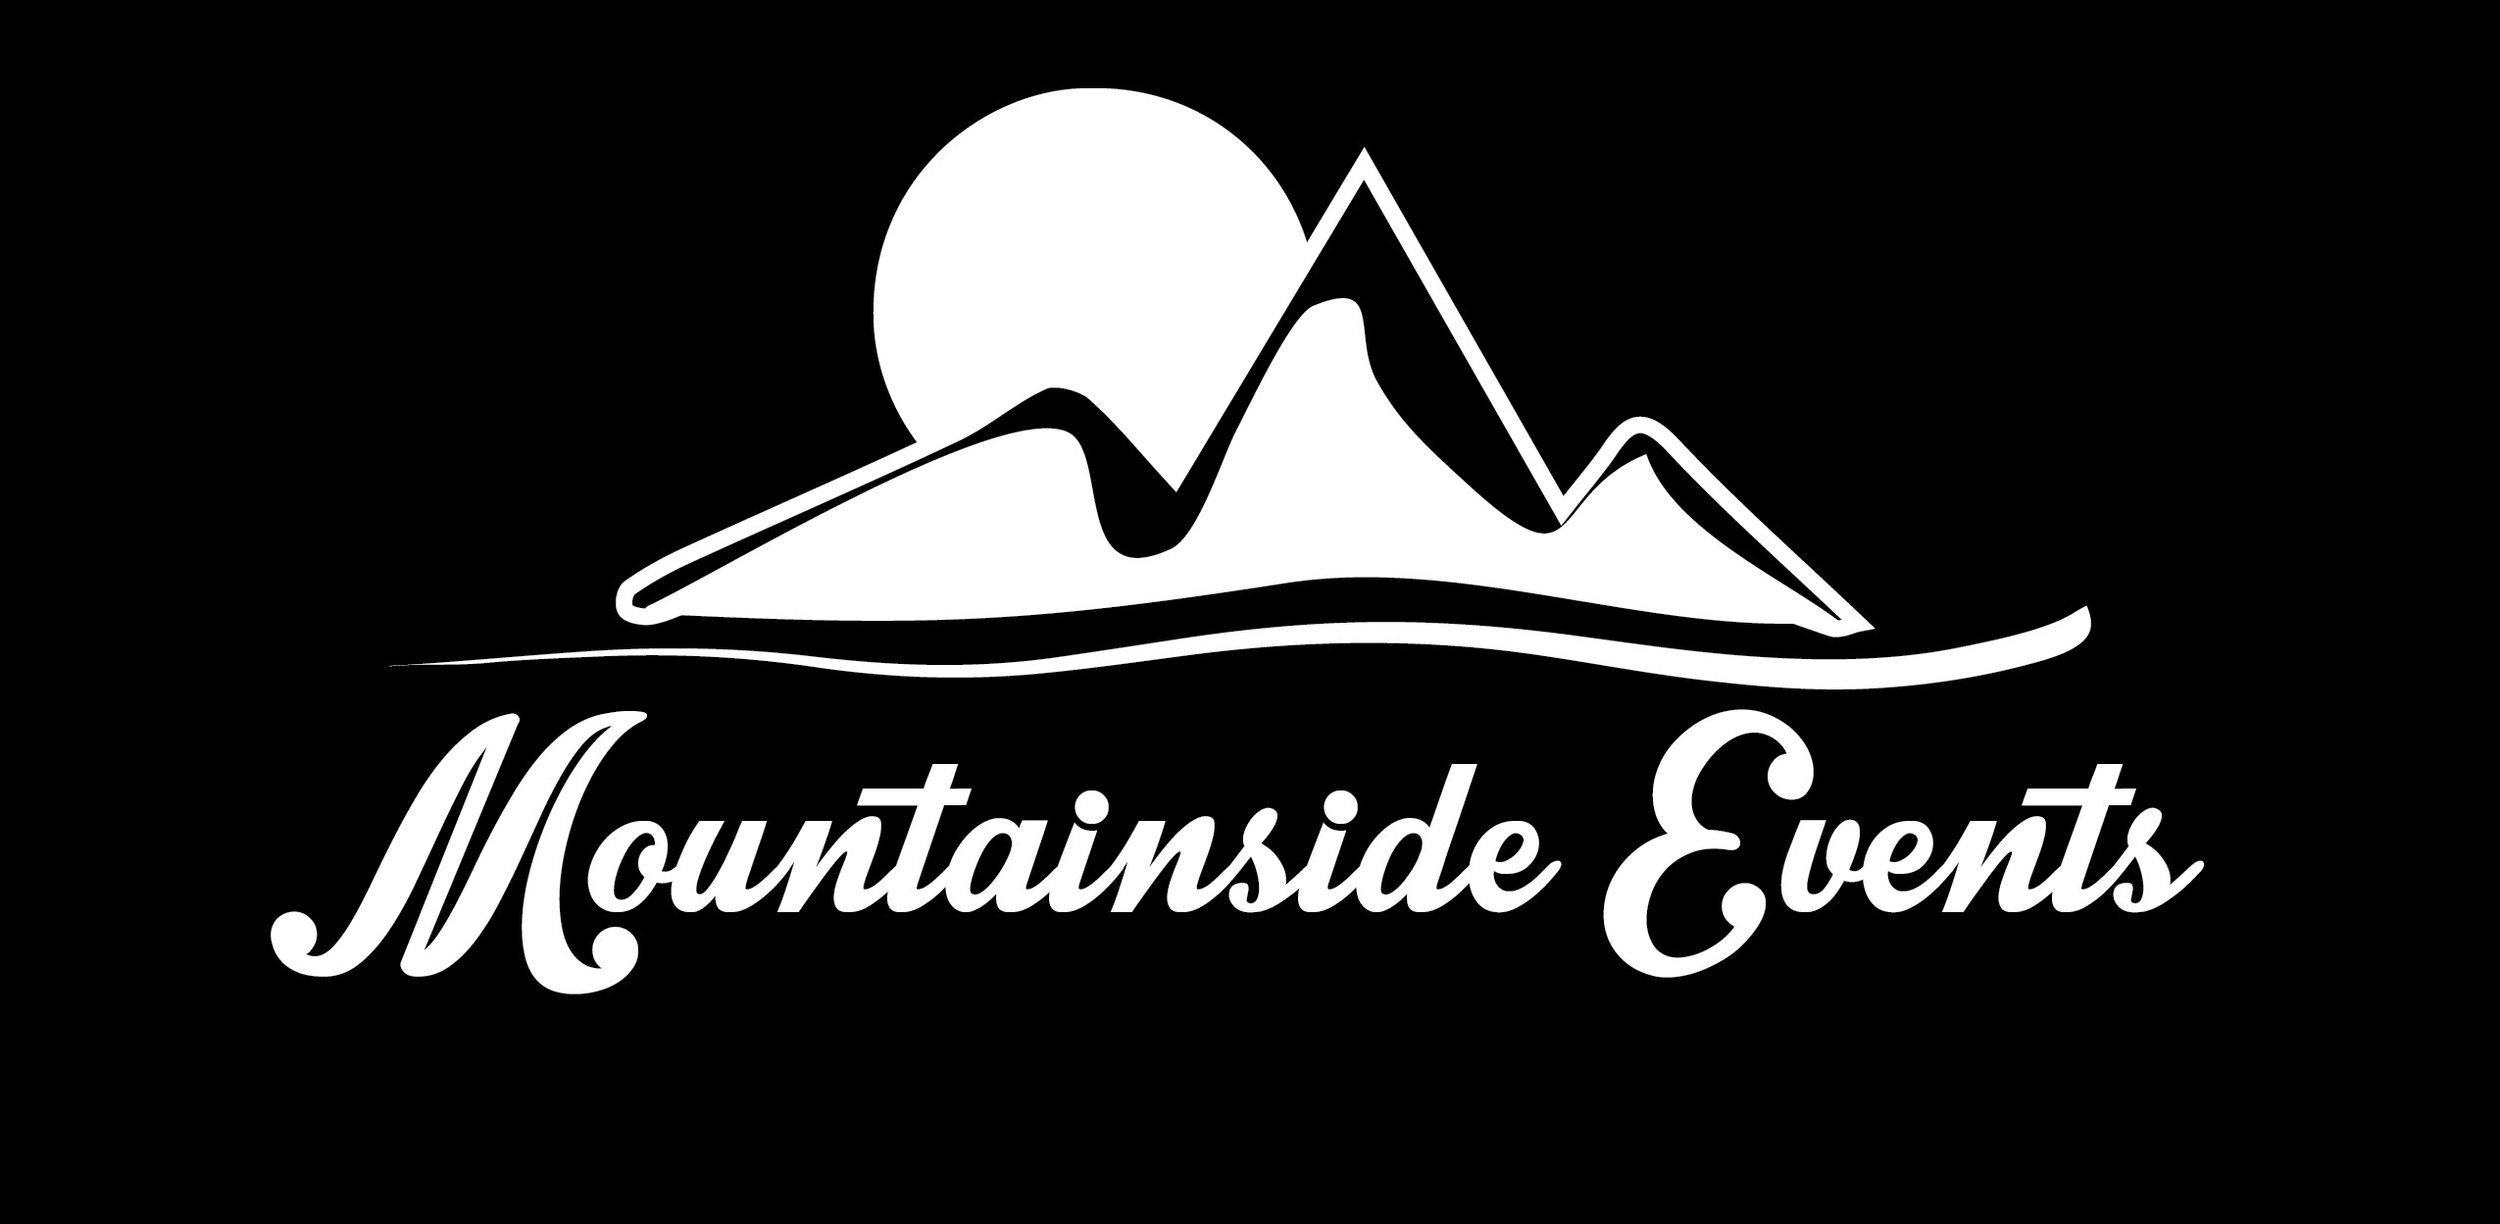 Mountainside Events White on Black.jpg